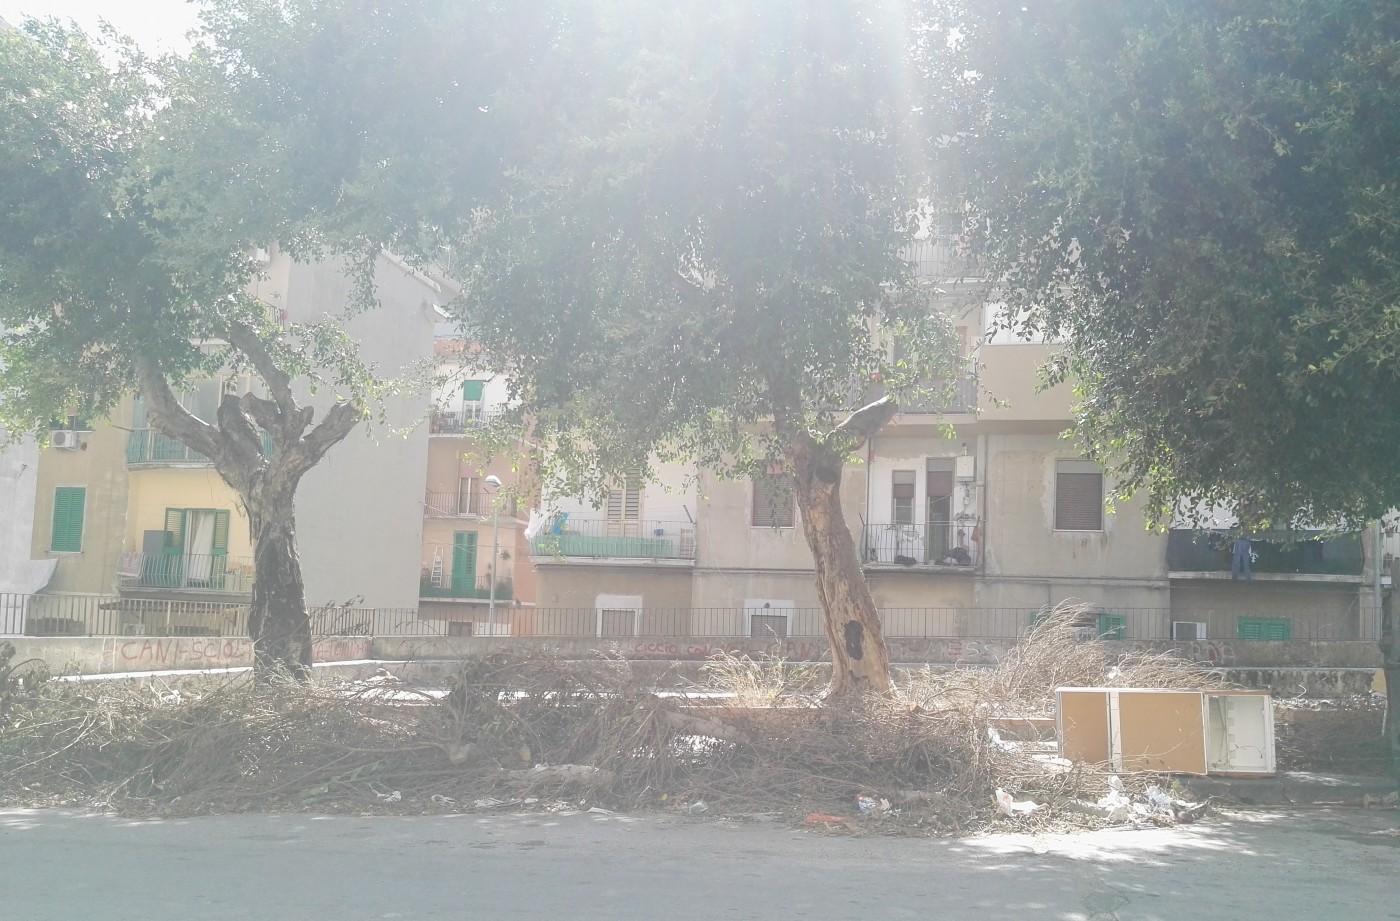 Foto della potatura abusiva a Gravitelli -Messina